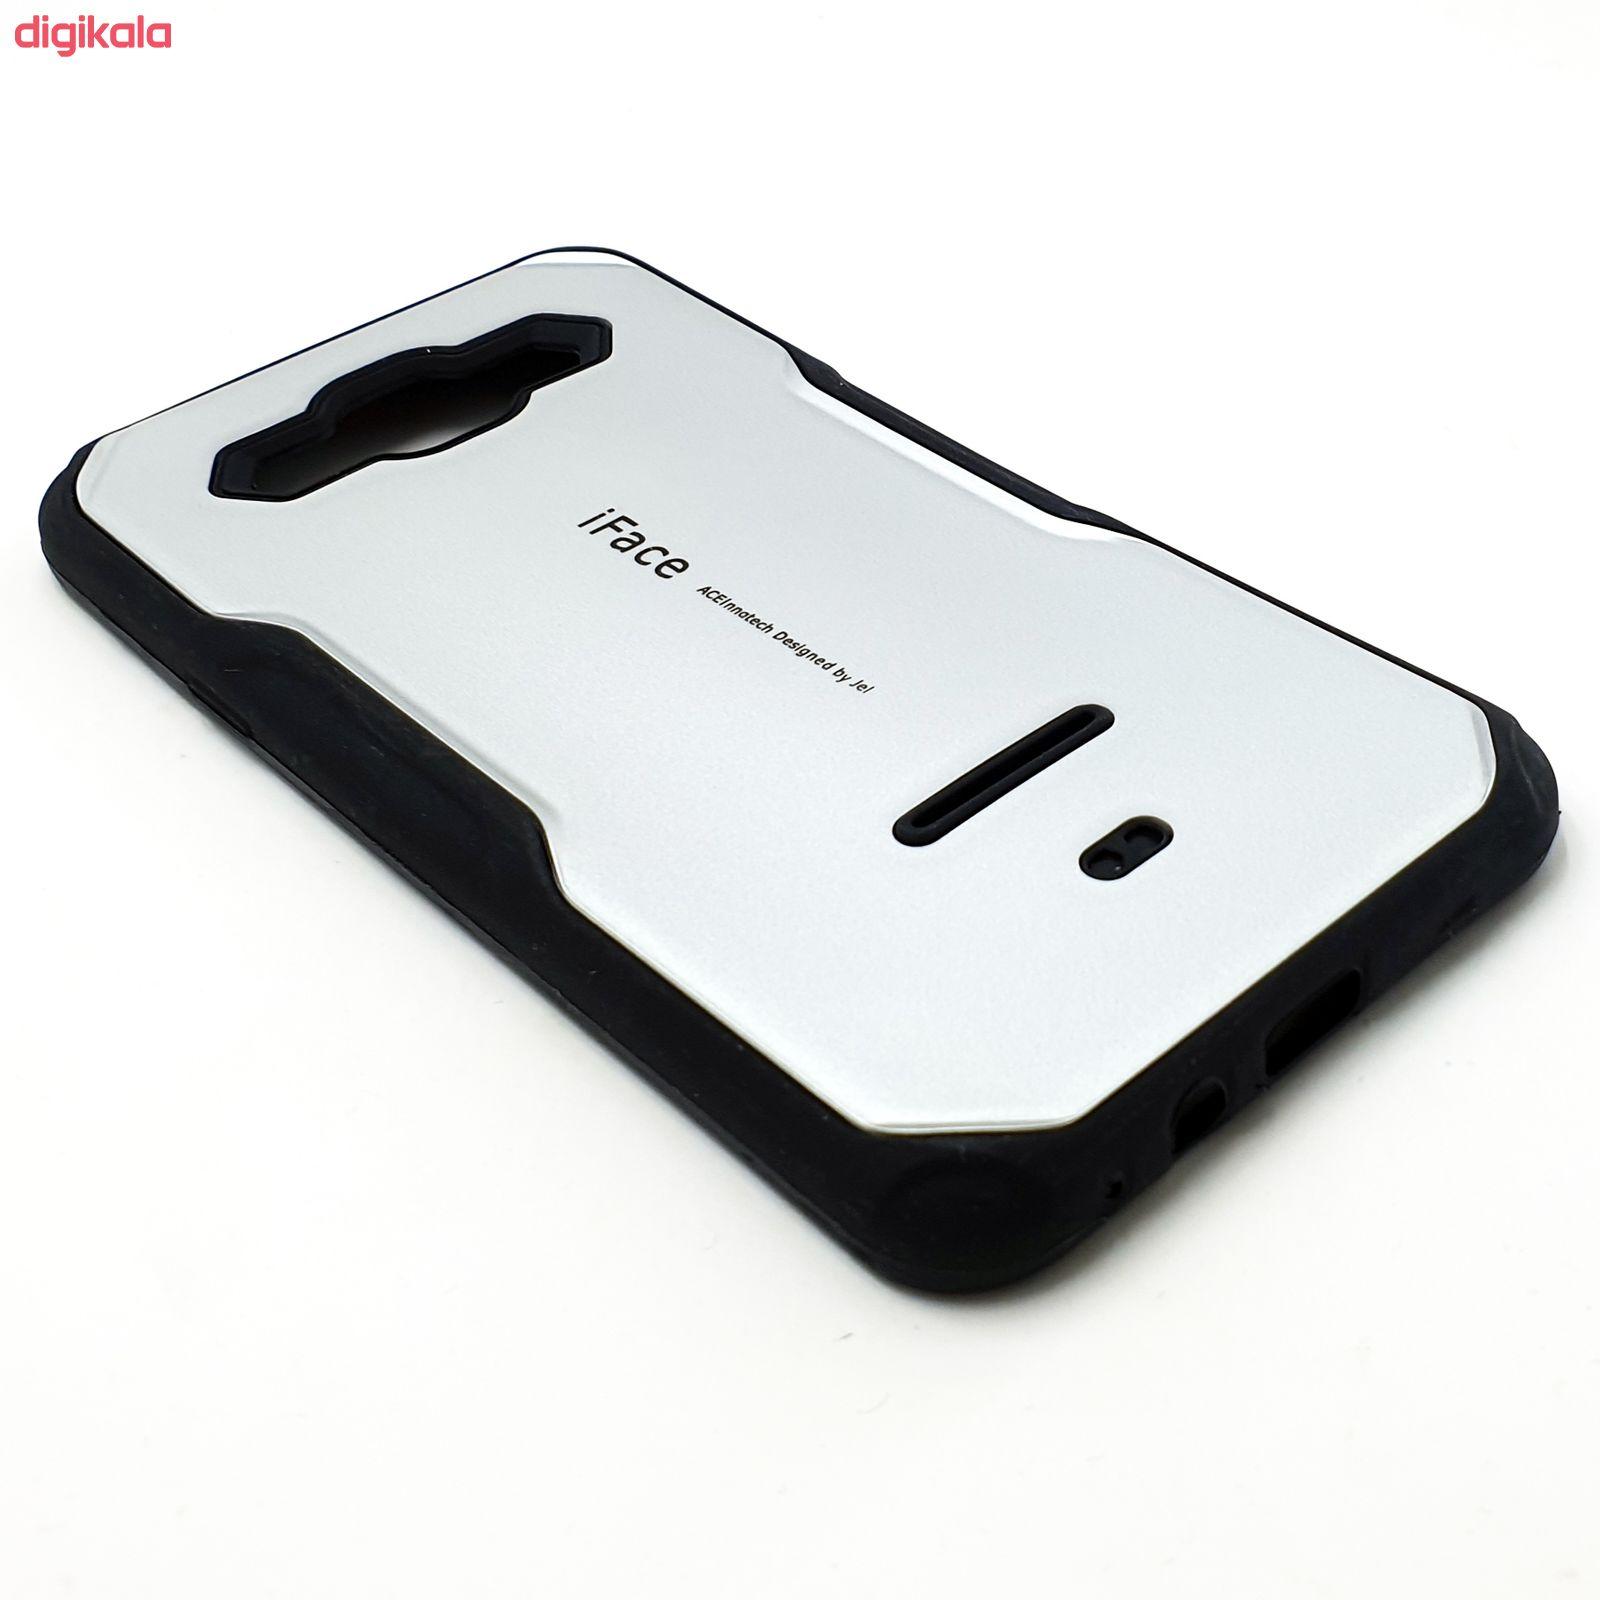 کاور مدل FC24 مناسب برای گوشی موبایل سامسونگ Galaxy E7 2015 / E700 main 1 6